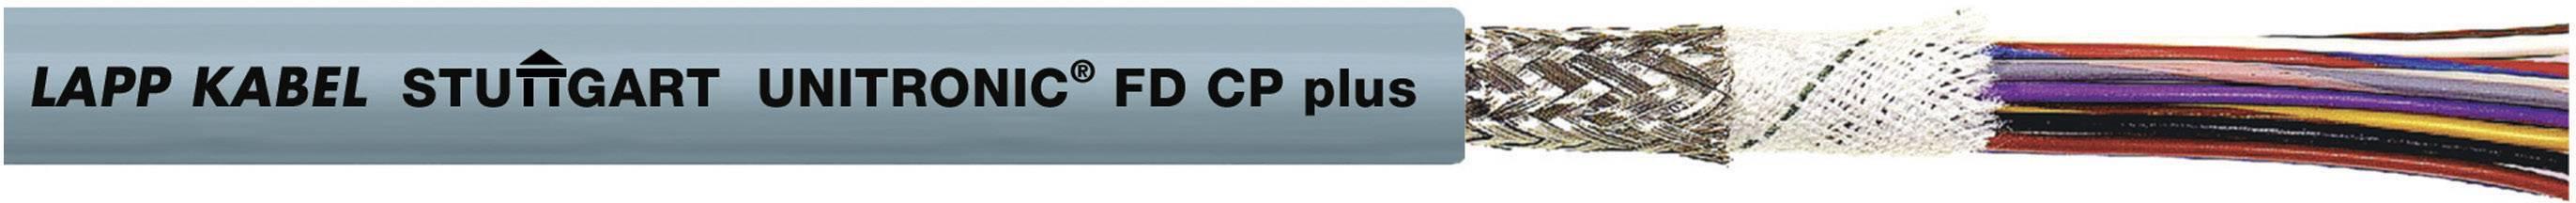 Datový kabel LappKabel UNITRONIC FD CP PLUS 5X0,14 (0028883), 5x 0,14 mm², Ø 5,1 mm, stíněný, 100 m, šedá